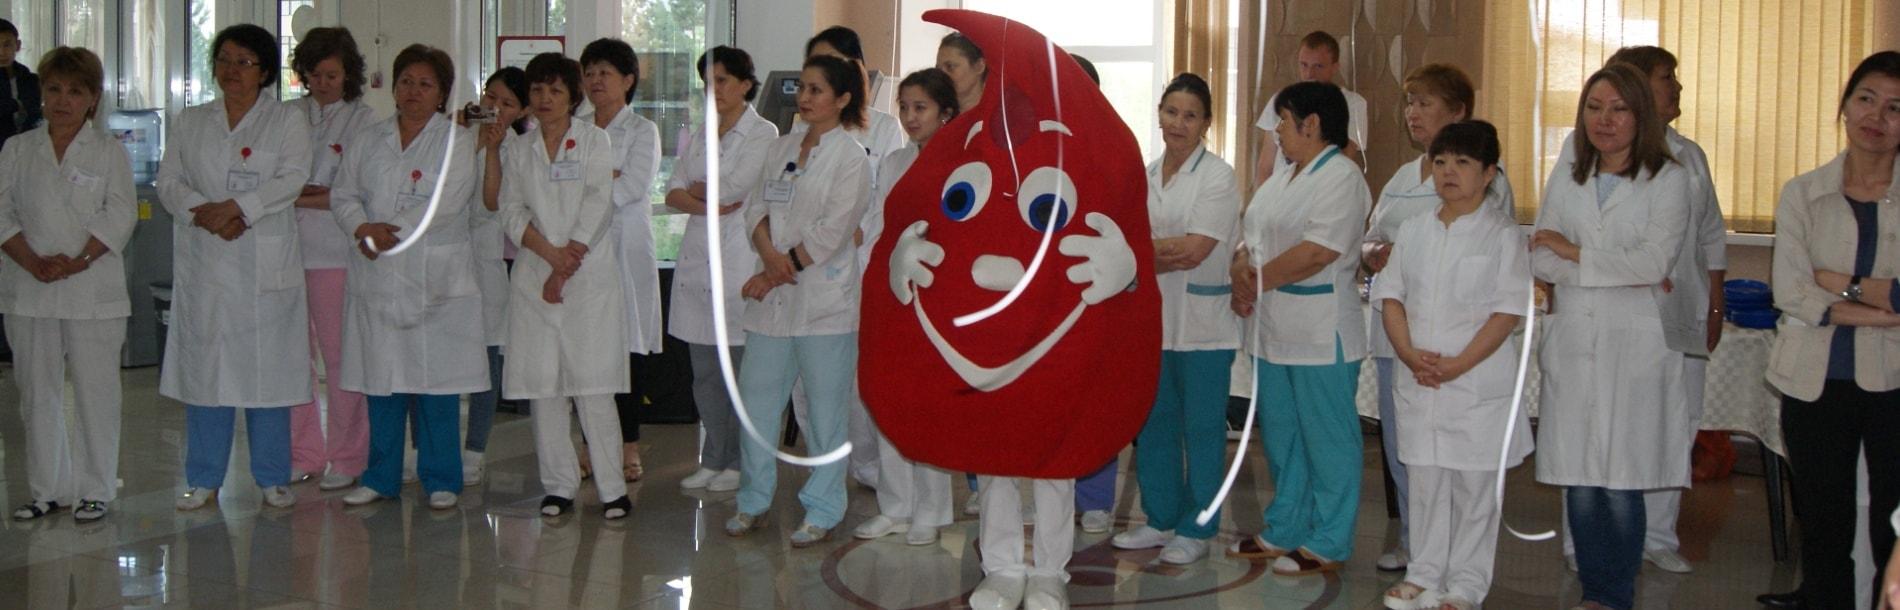 НПЦТ.  14 июня 2017 г.  Всемирный день донора  крови